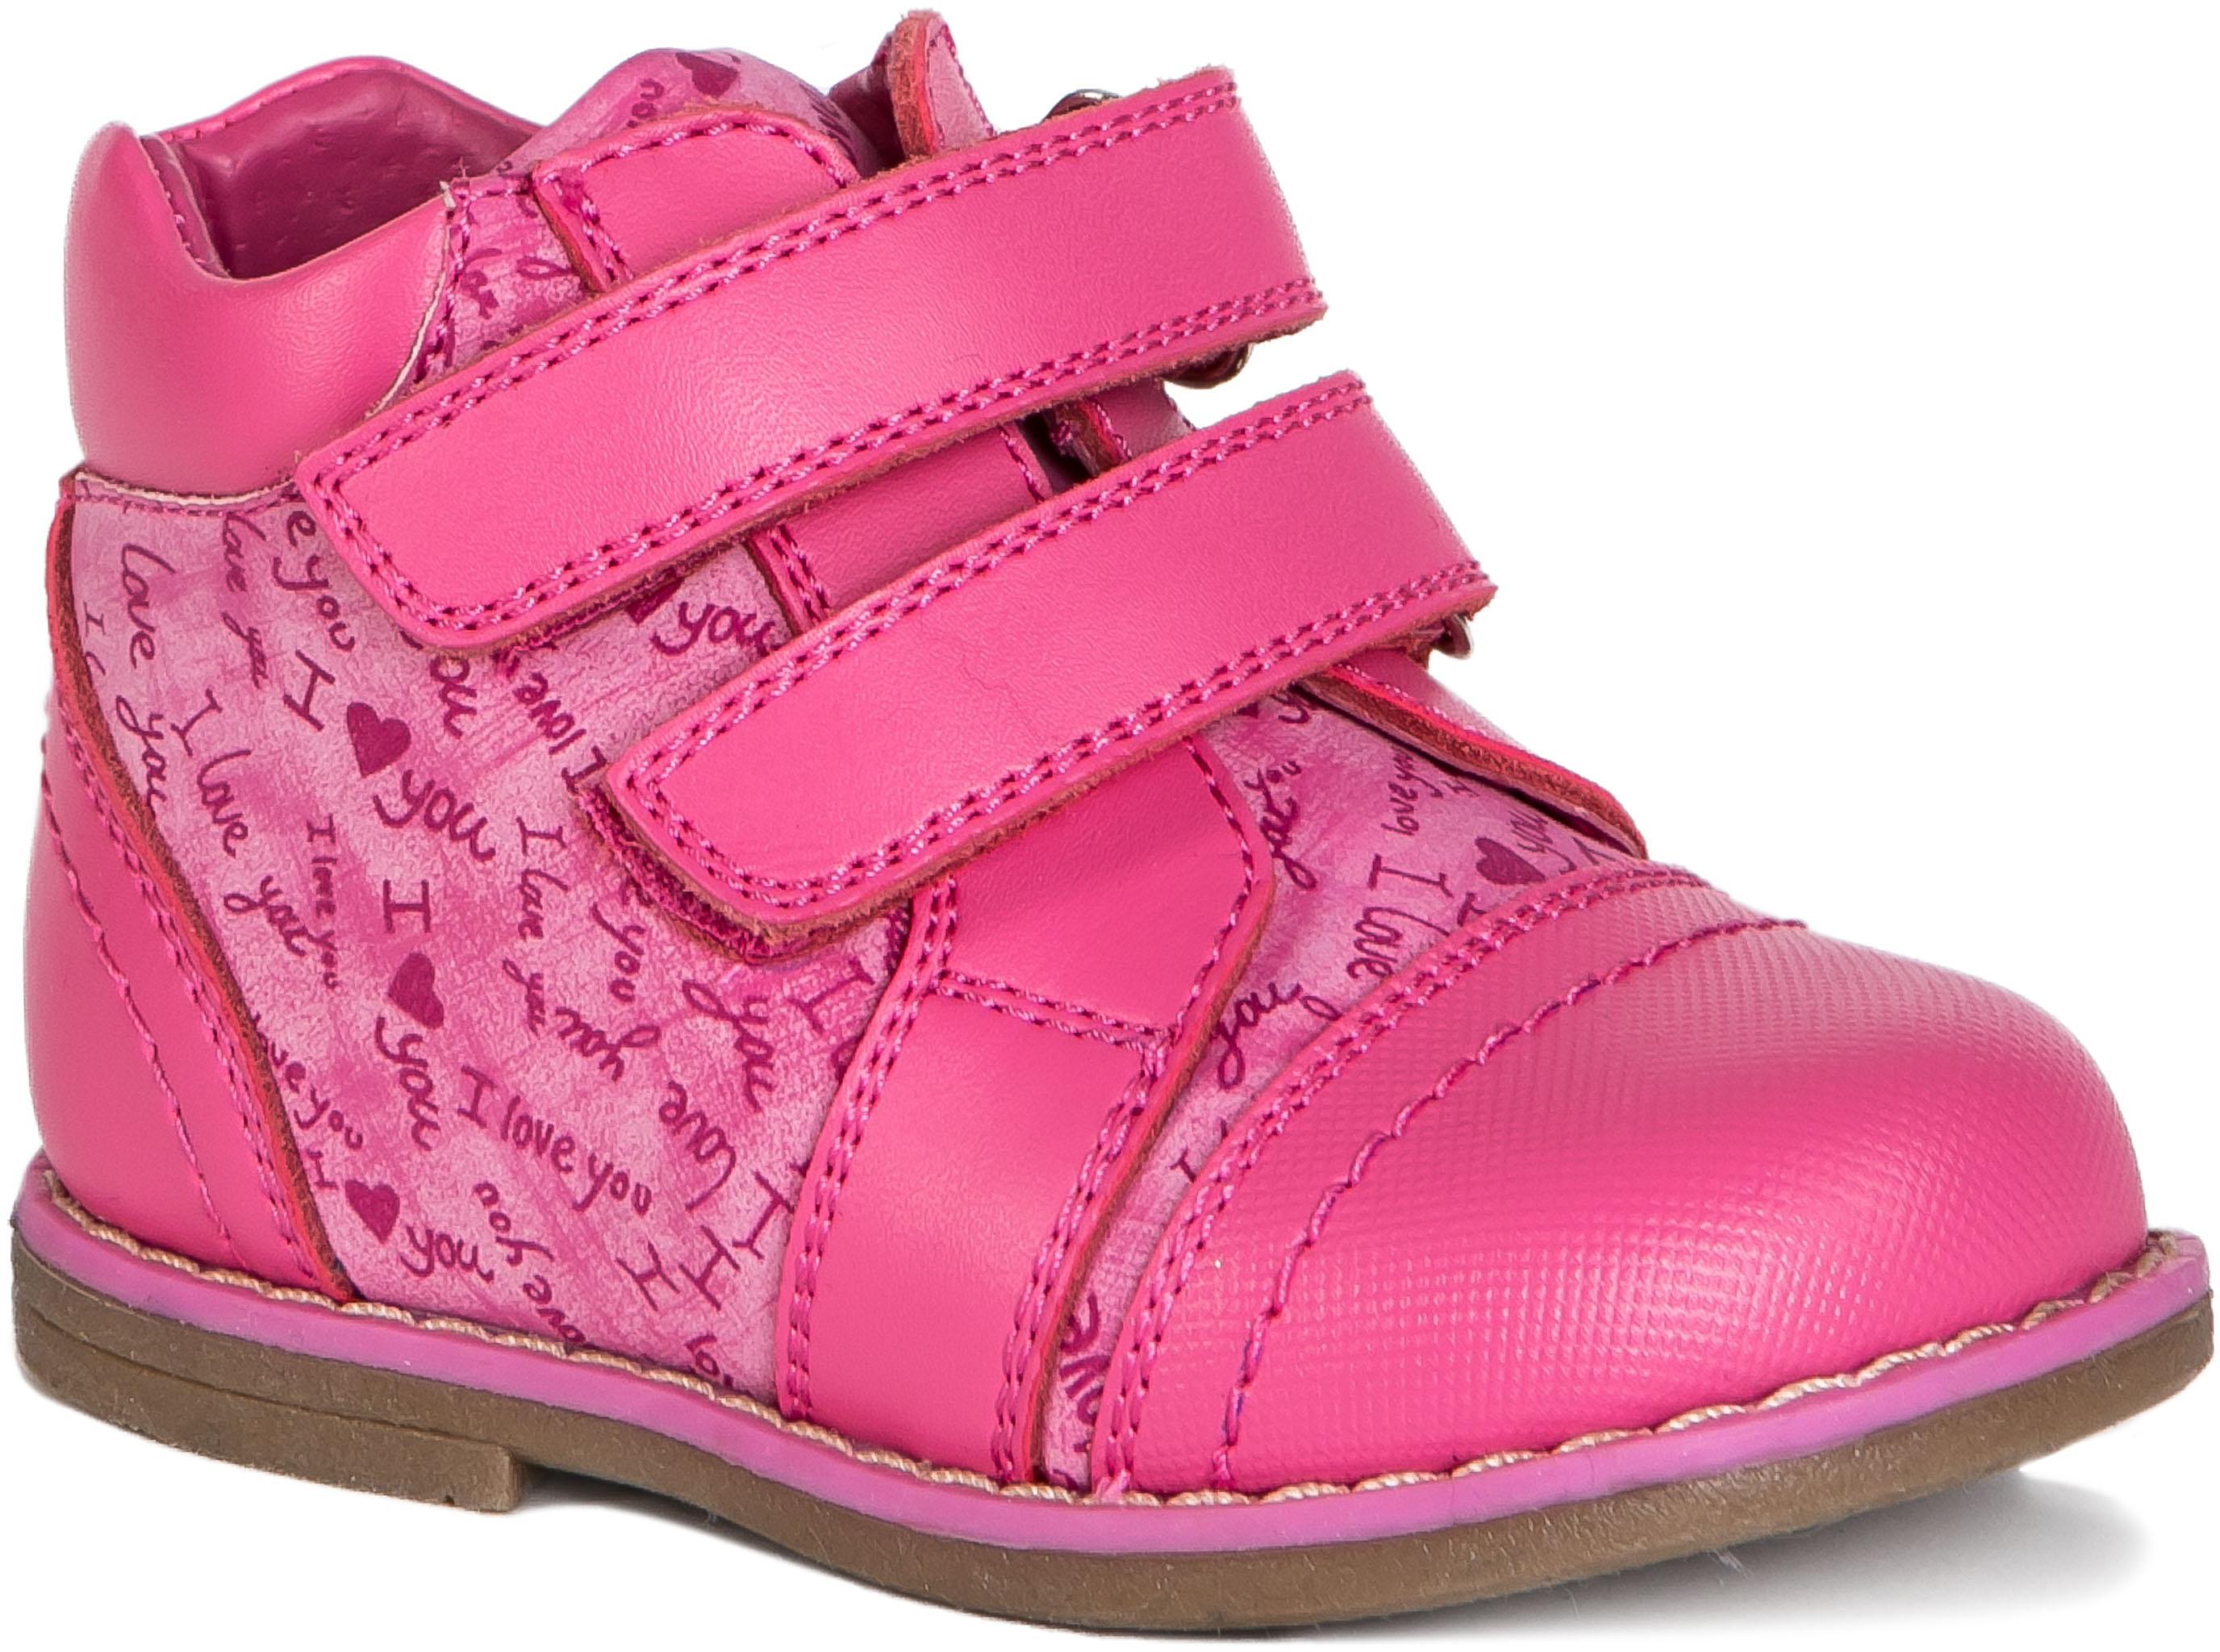 Ботинки для девочки Barkito фуксия андрей шляхов андрей миронов и его женщины …и мама